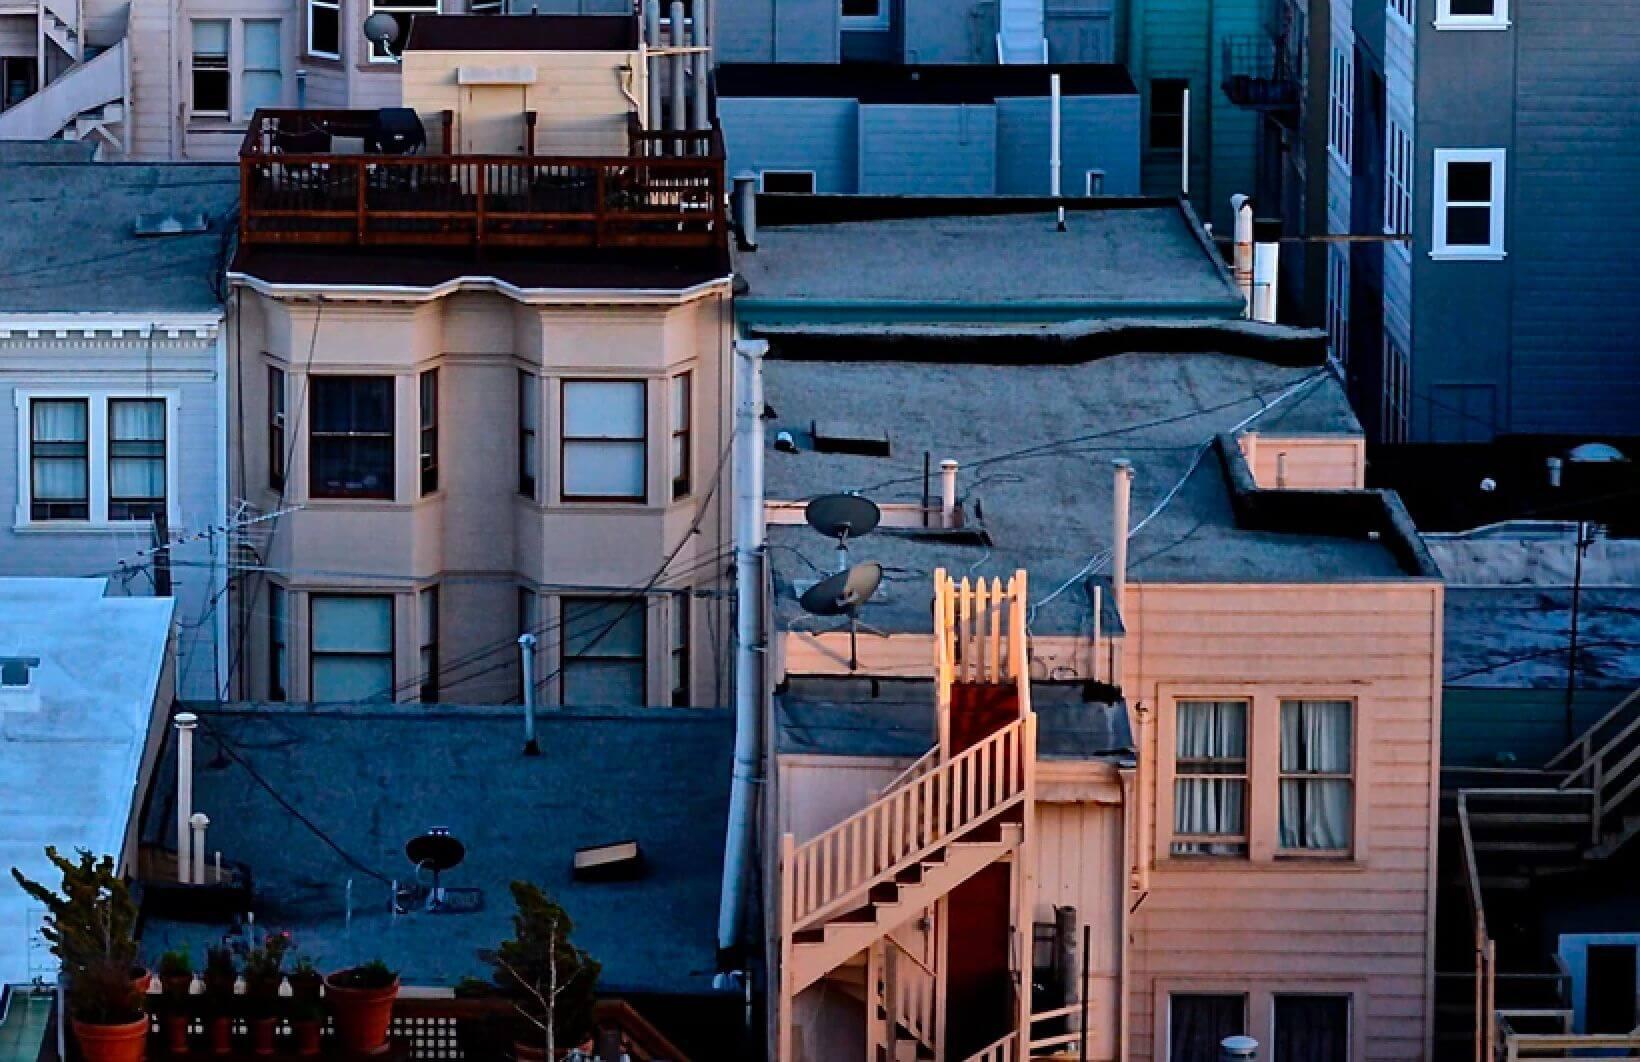 San Francisco buildings